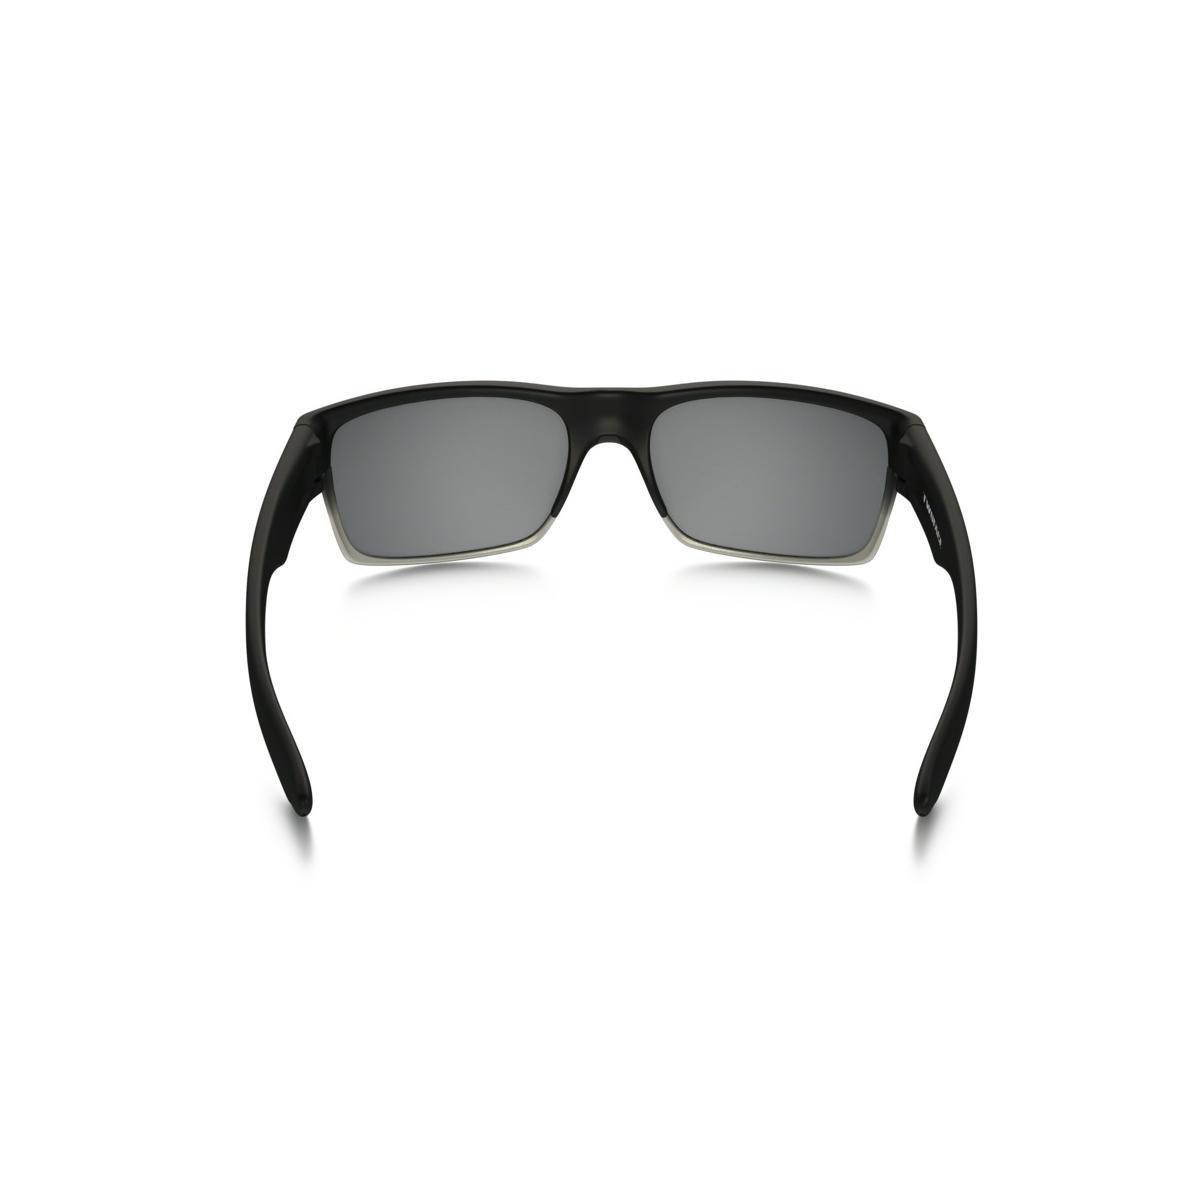 bf679342832fa Óculos Oakley TwoFace - Compre Agora